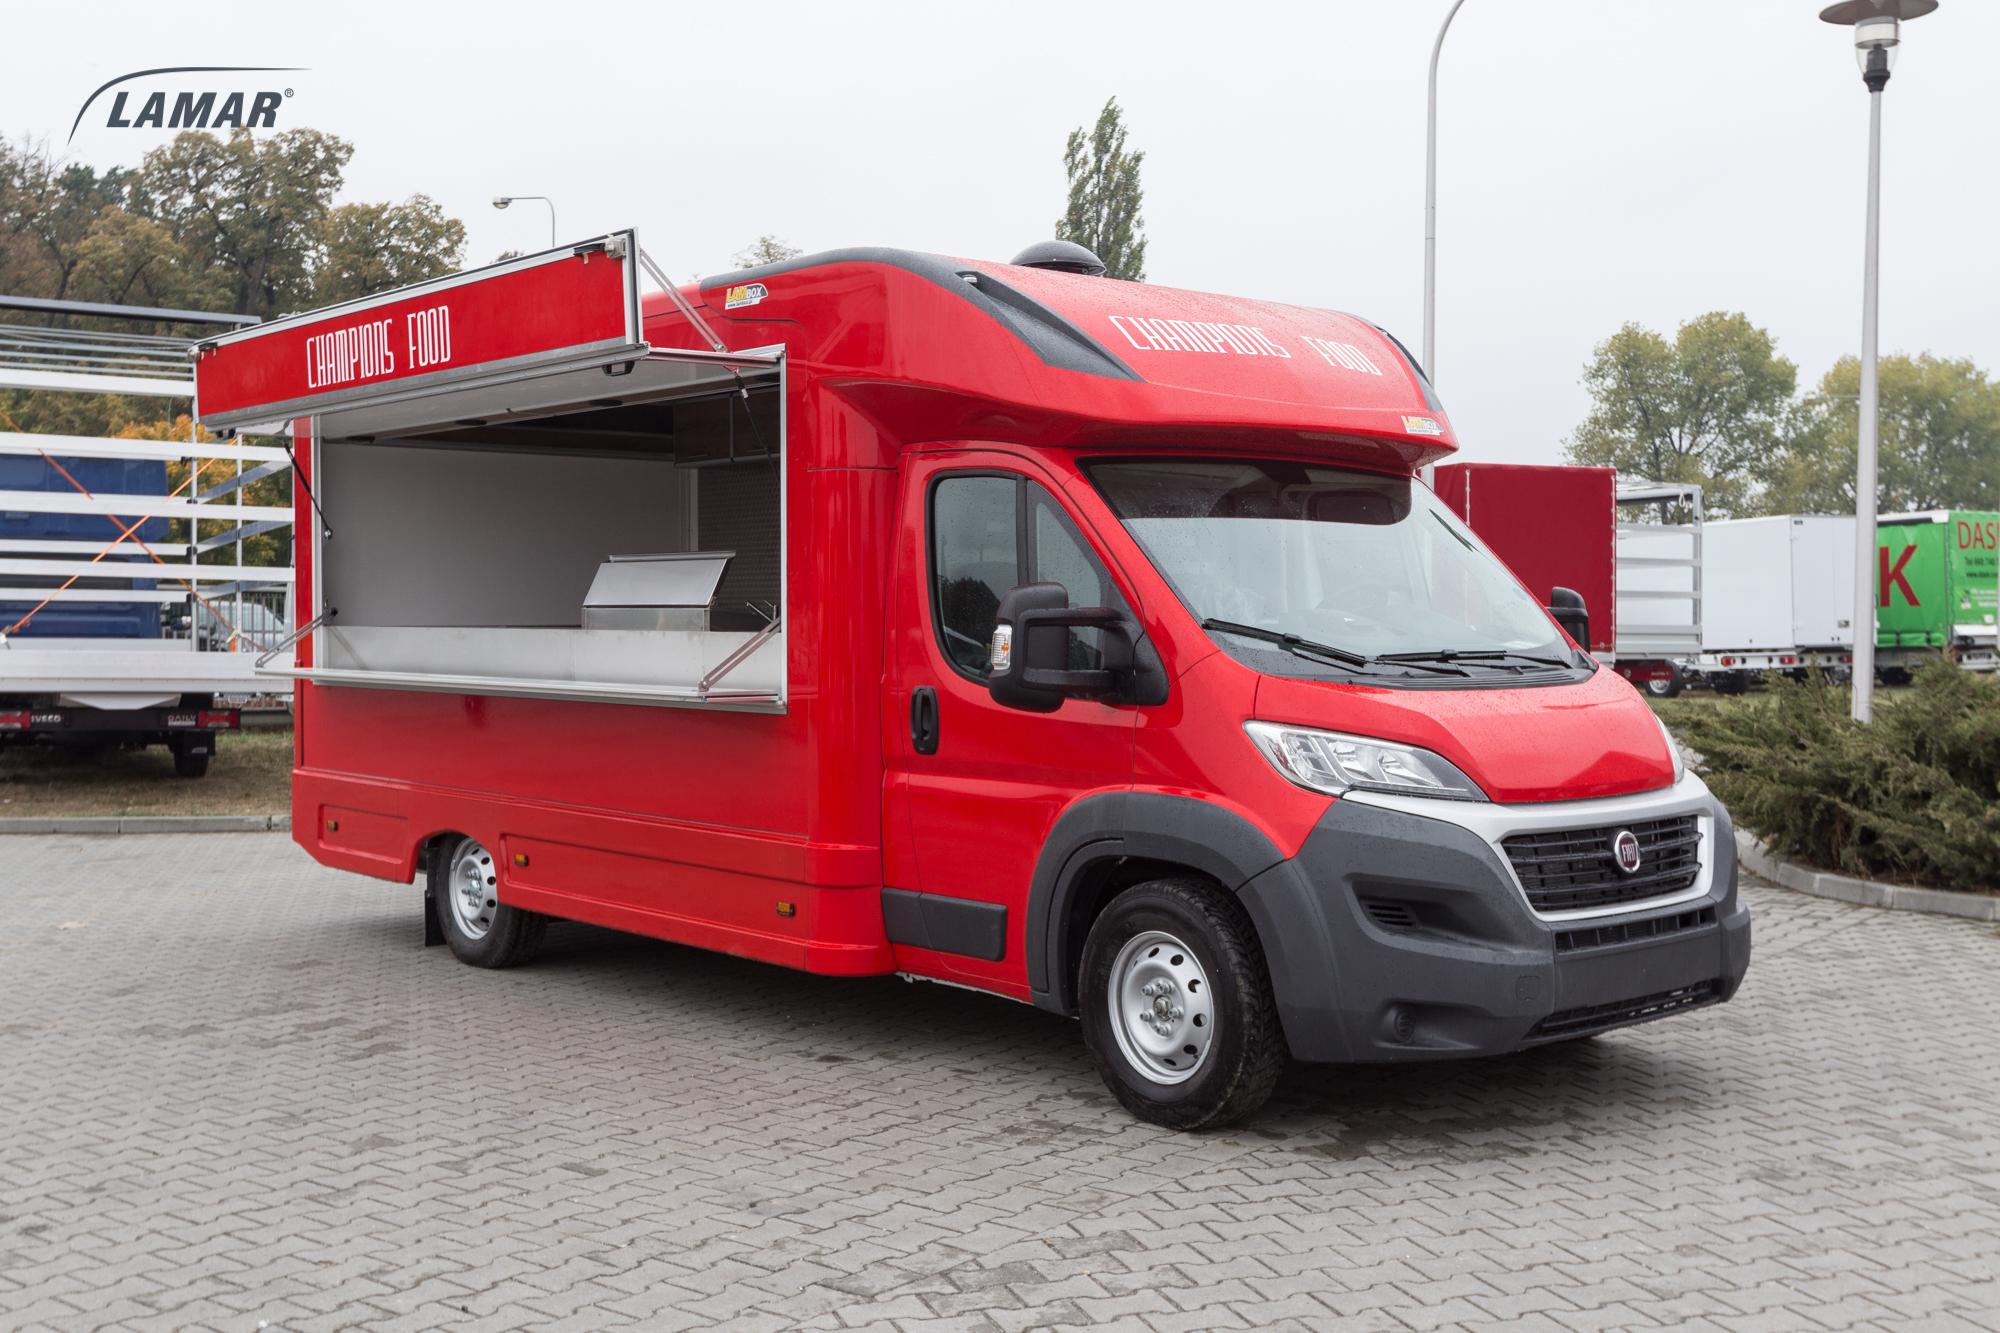 Food Truck Pics